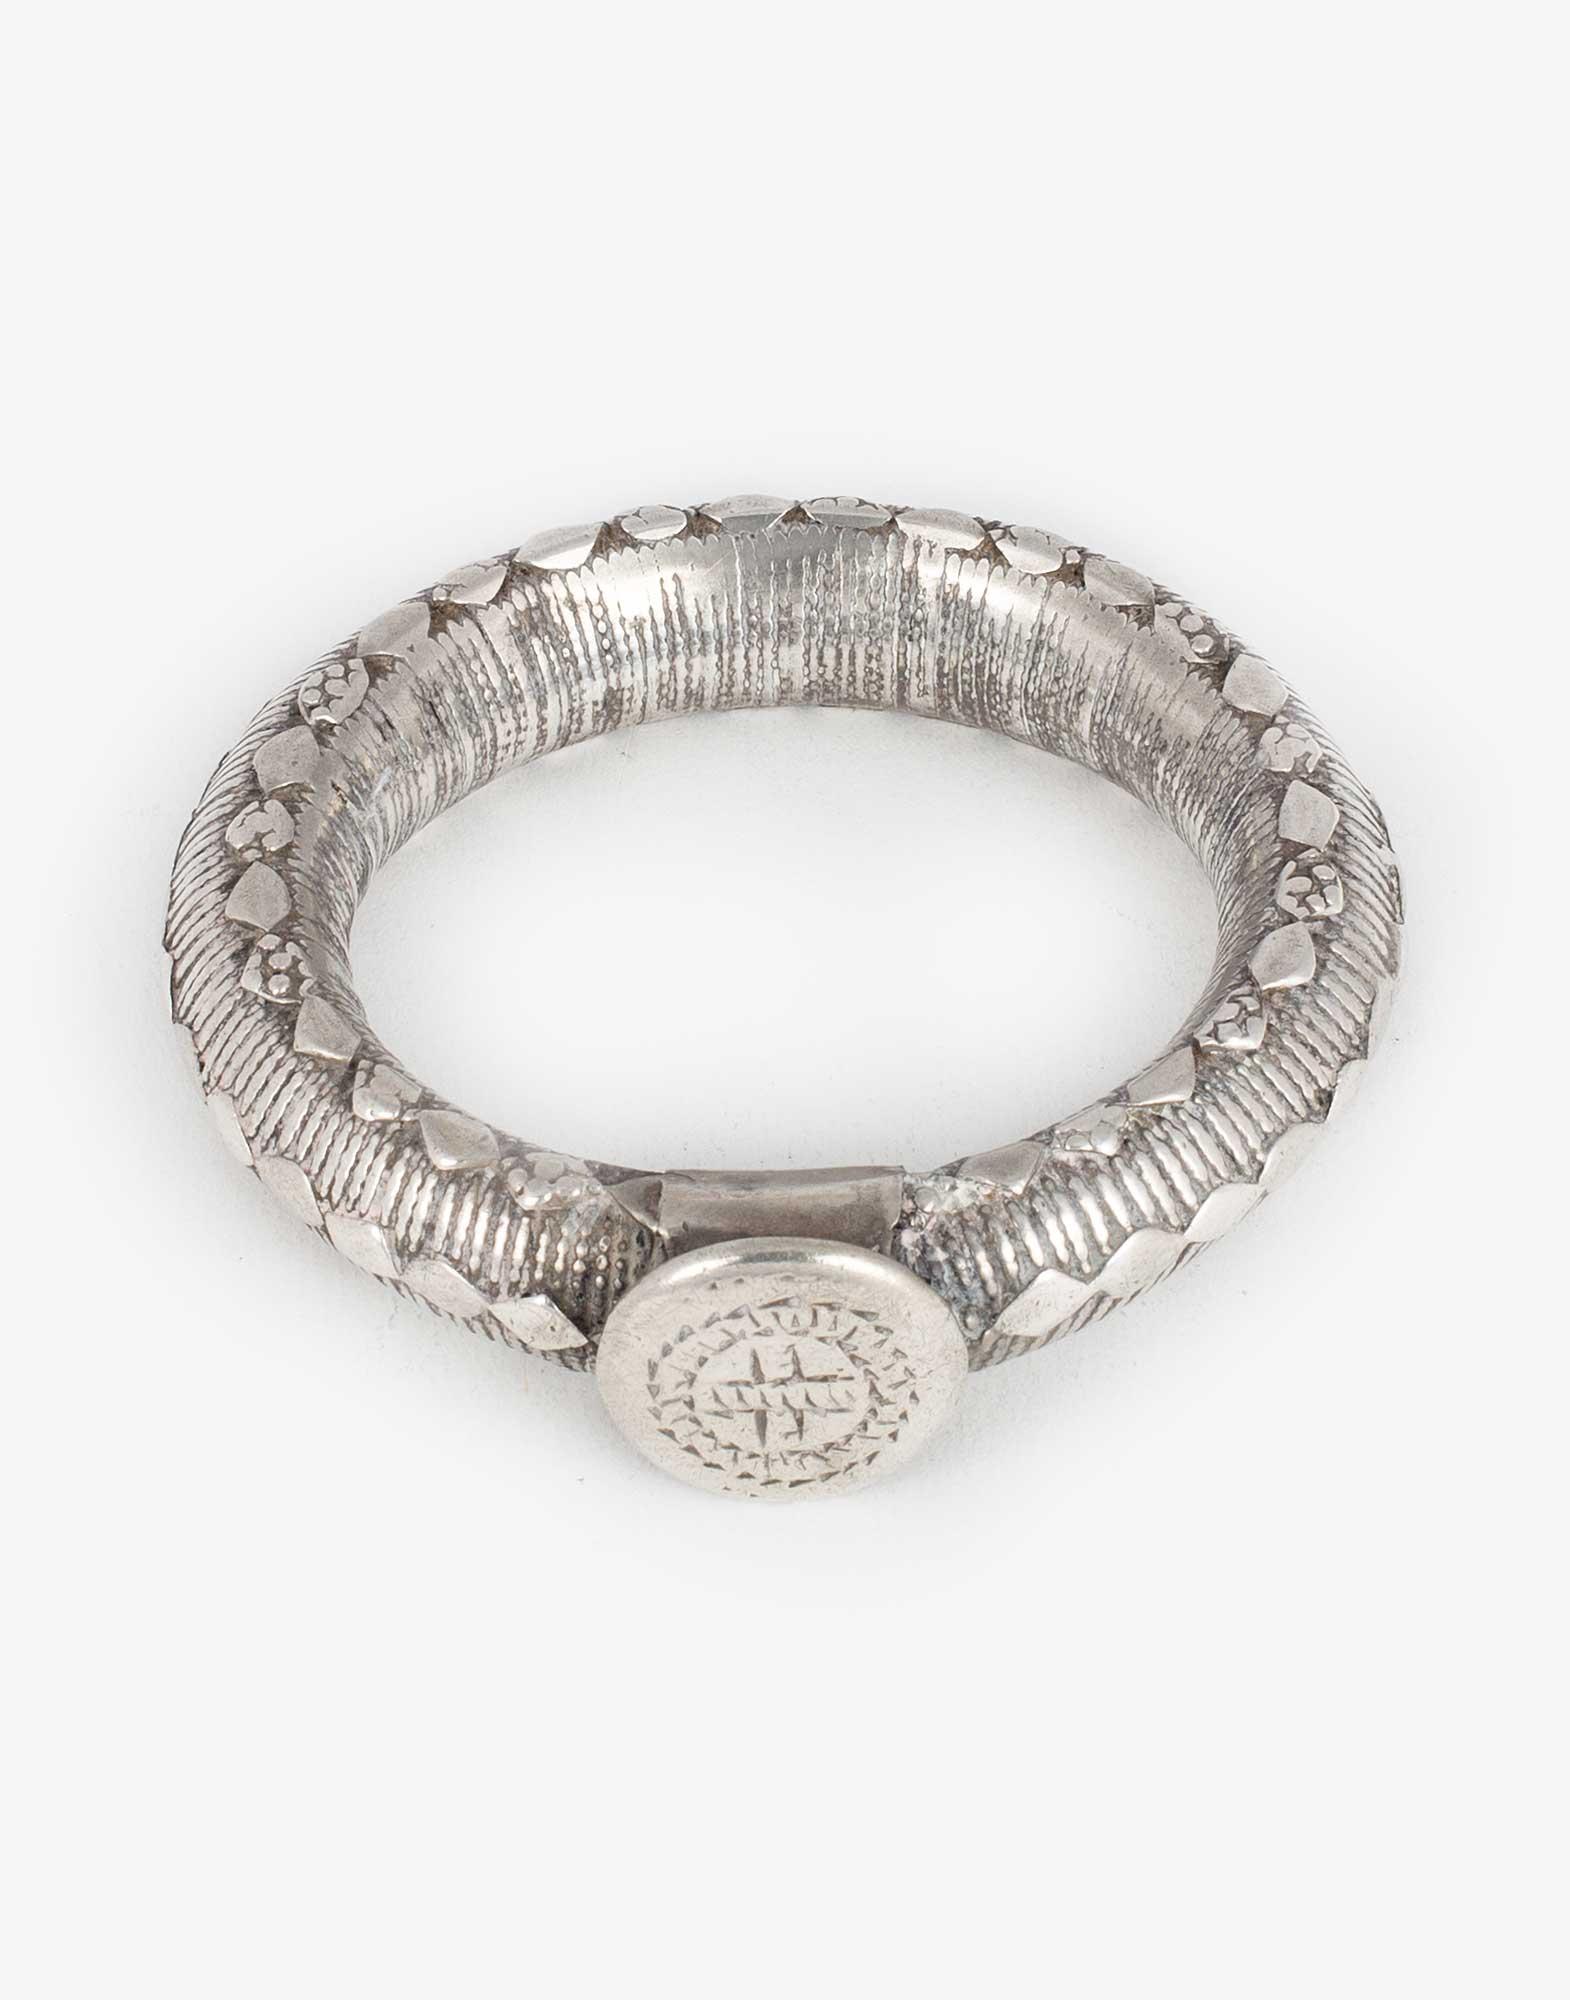 Antique Silver Rajasthani Bracelet